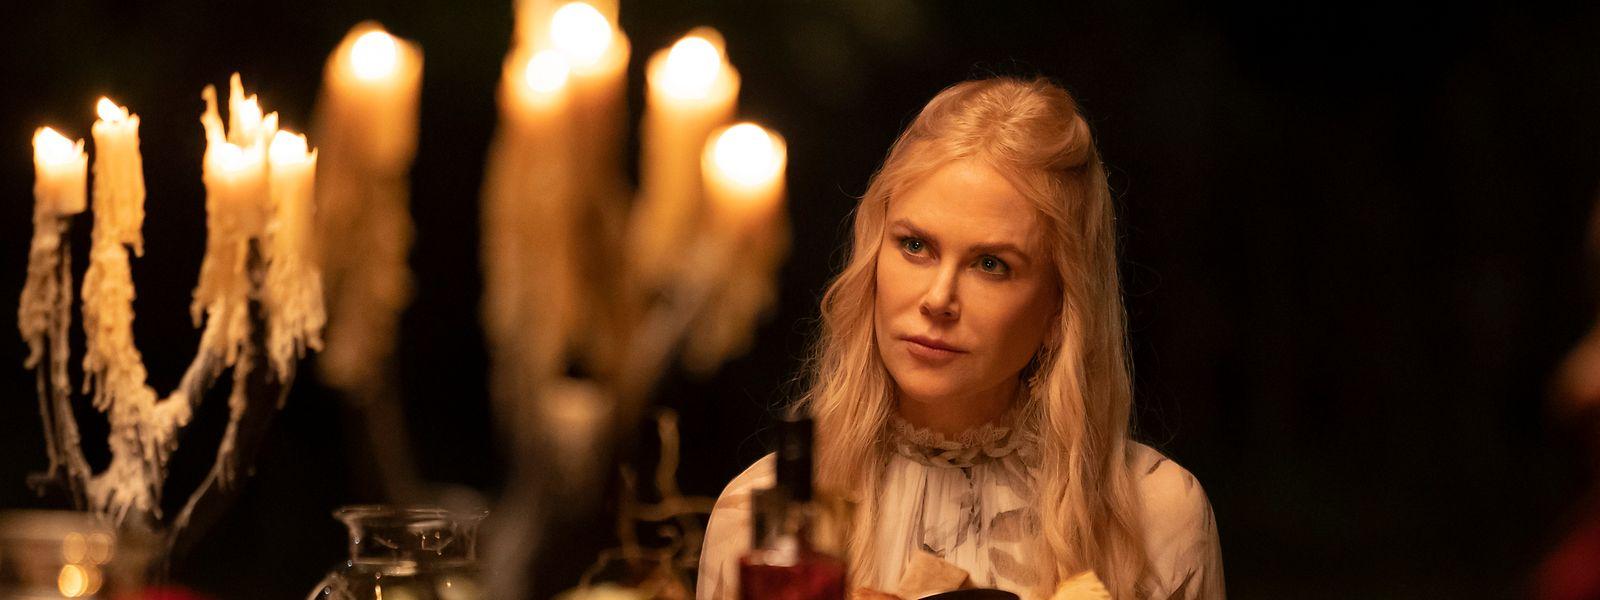 """Will aus ihren neun Gästen eines New Age-Wellness-Tempels neue Menschen machen: Masha (Nicole Kidman) in der Serie """"Nine Perfect Strangers""""."""